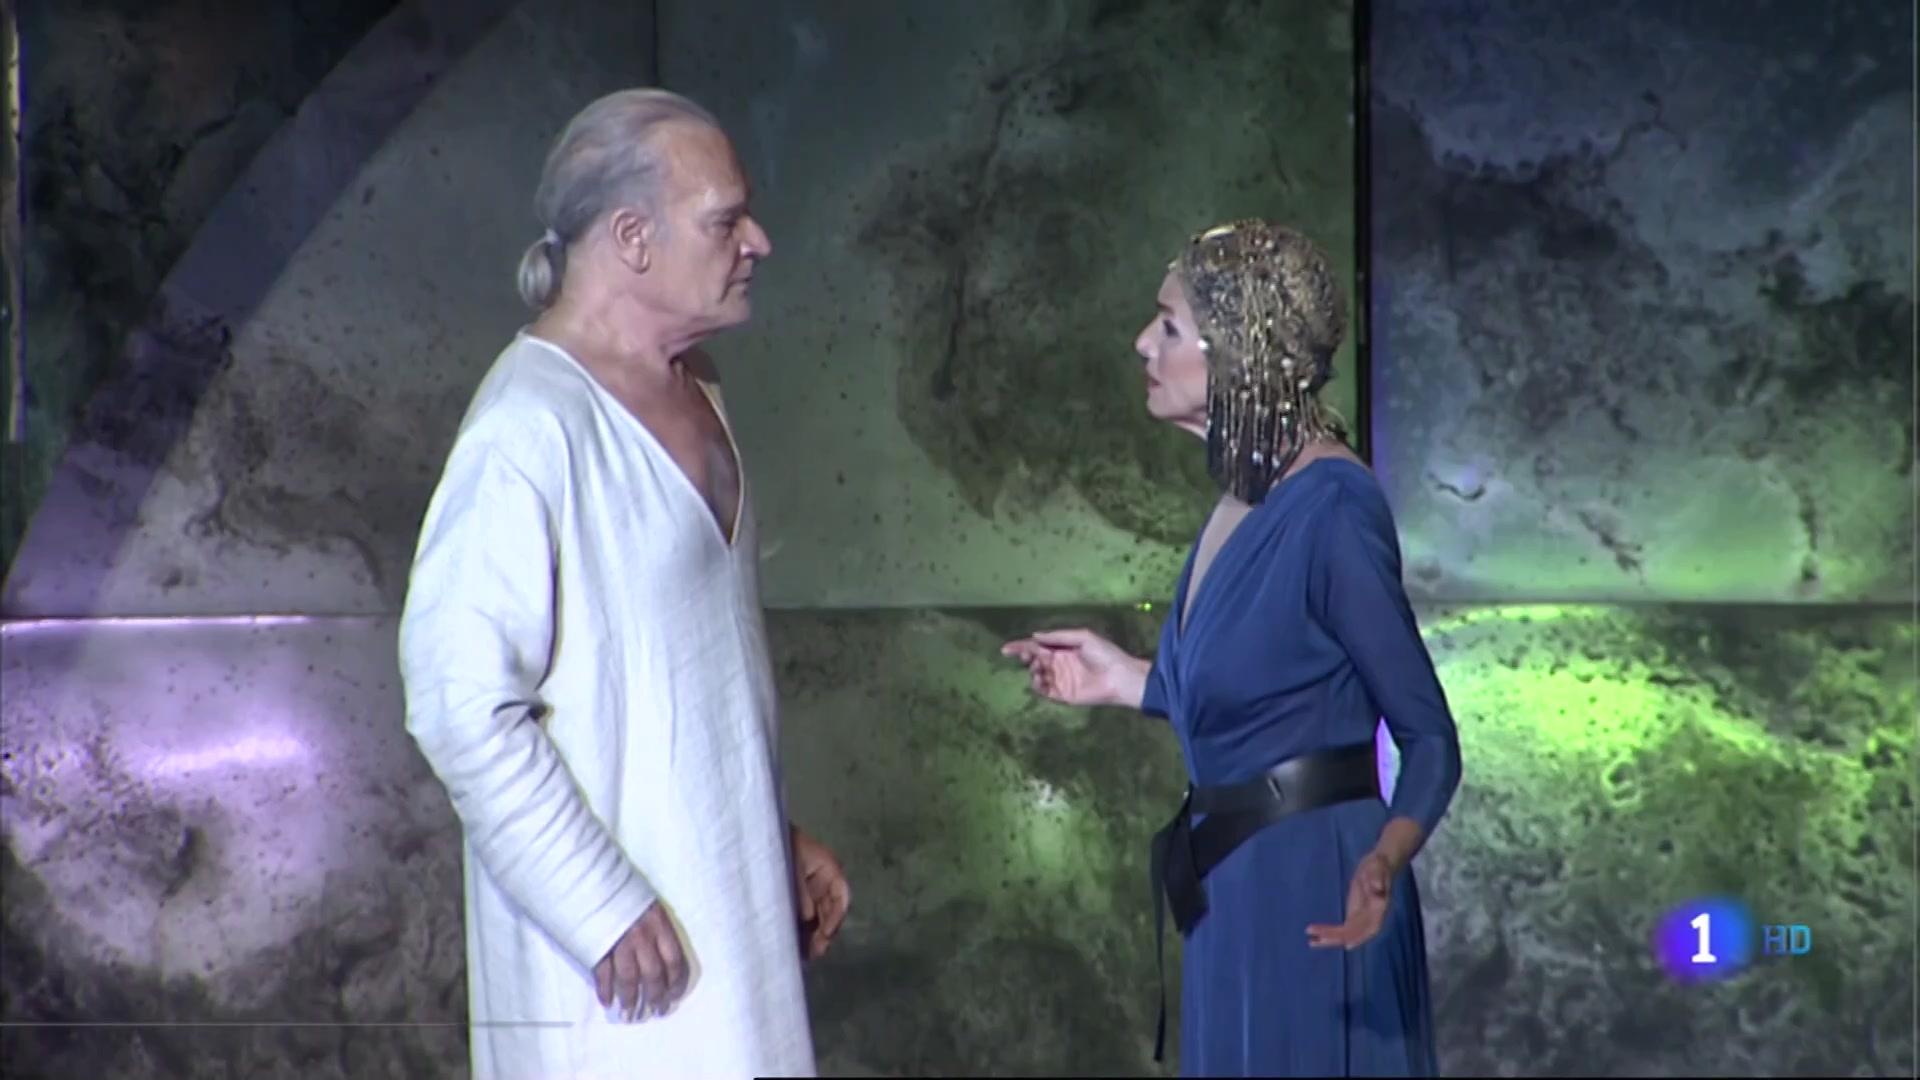 Ir al Video'Antonio y Cleopatra', se estrena esta noche en el Festival de Mérida con Ana Belén y Lluís Homar